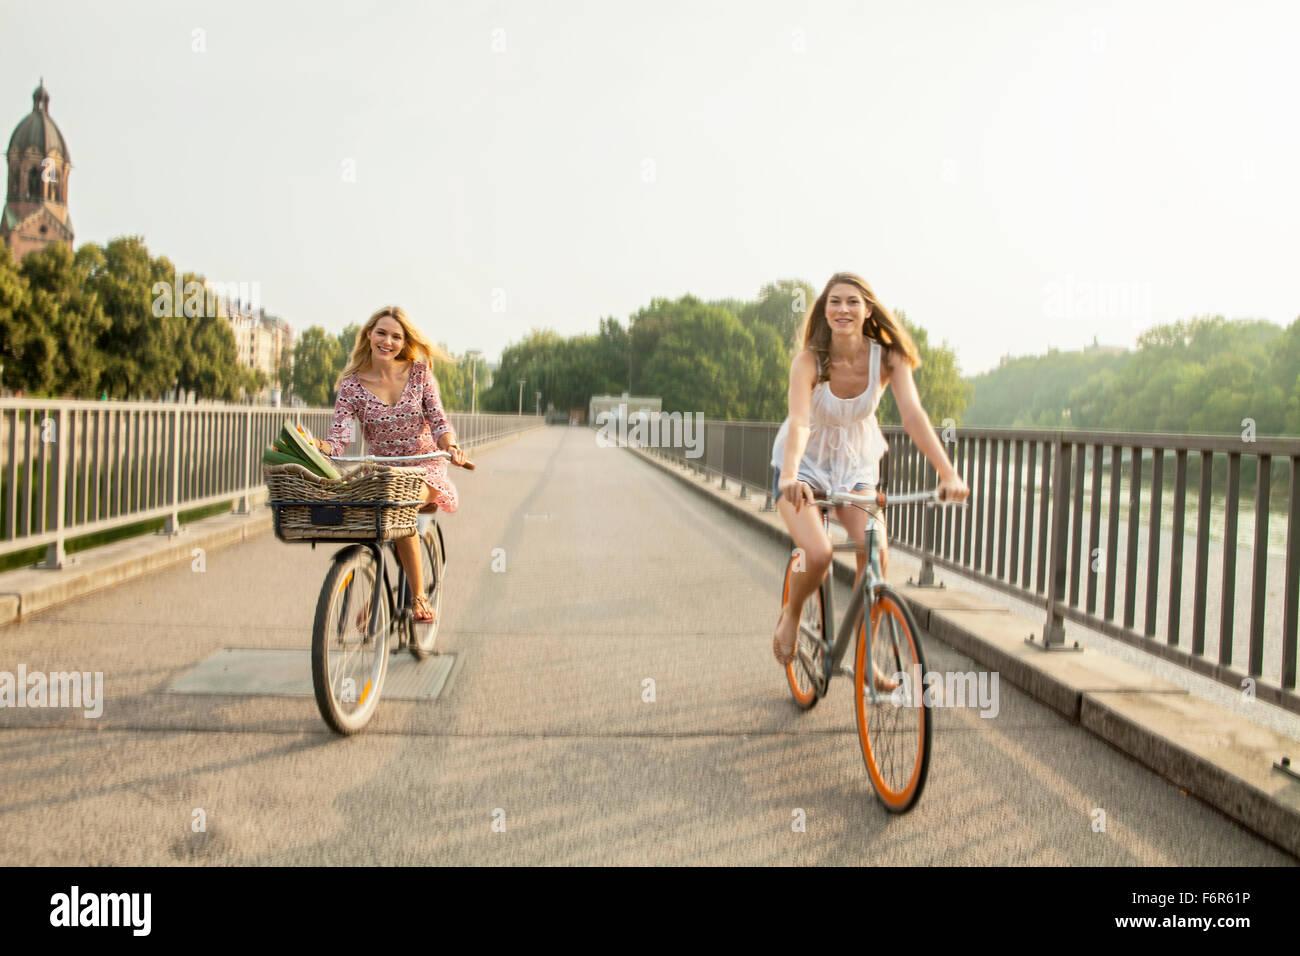 Deux femmes équitation location sur city bridge Banque D'Images